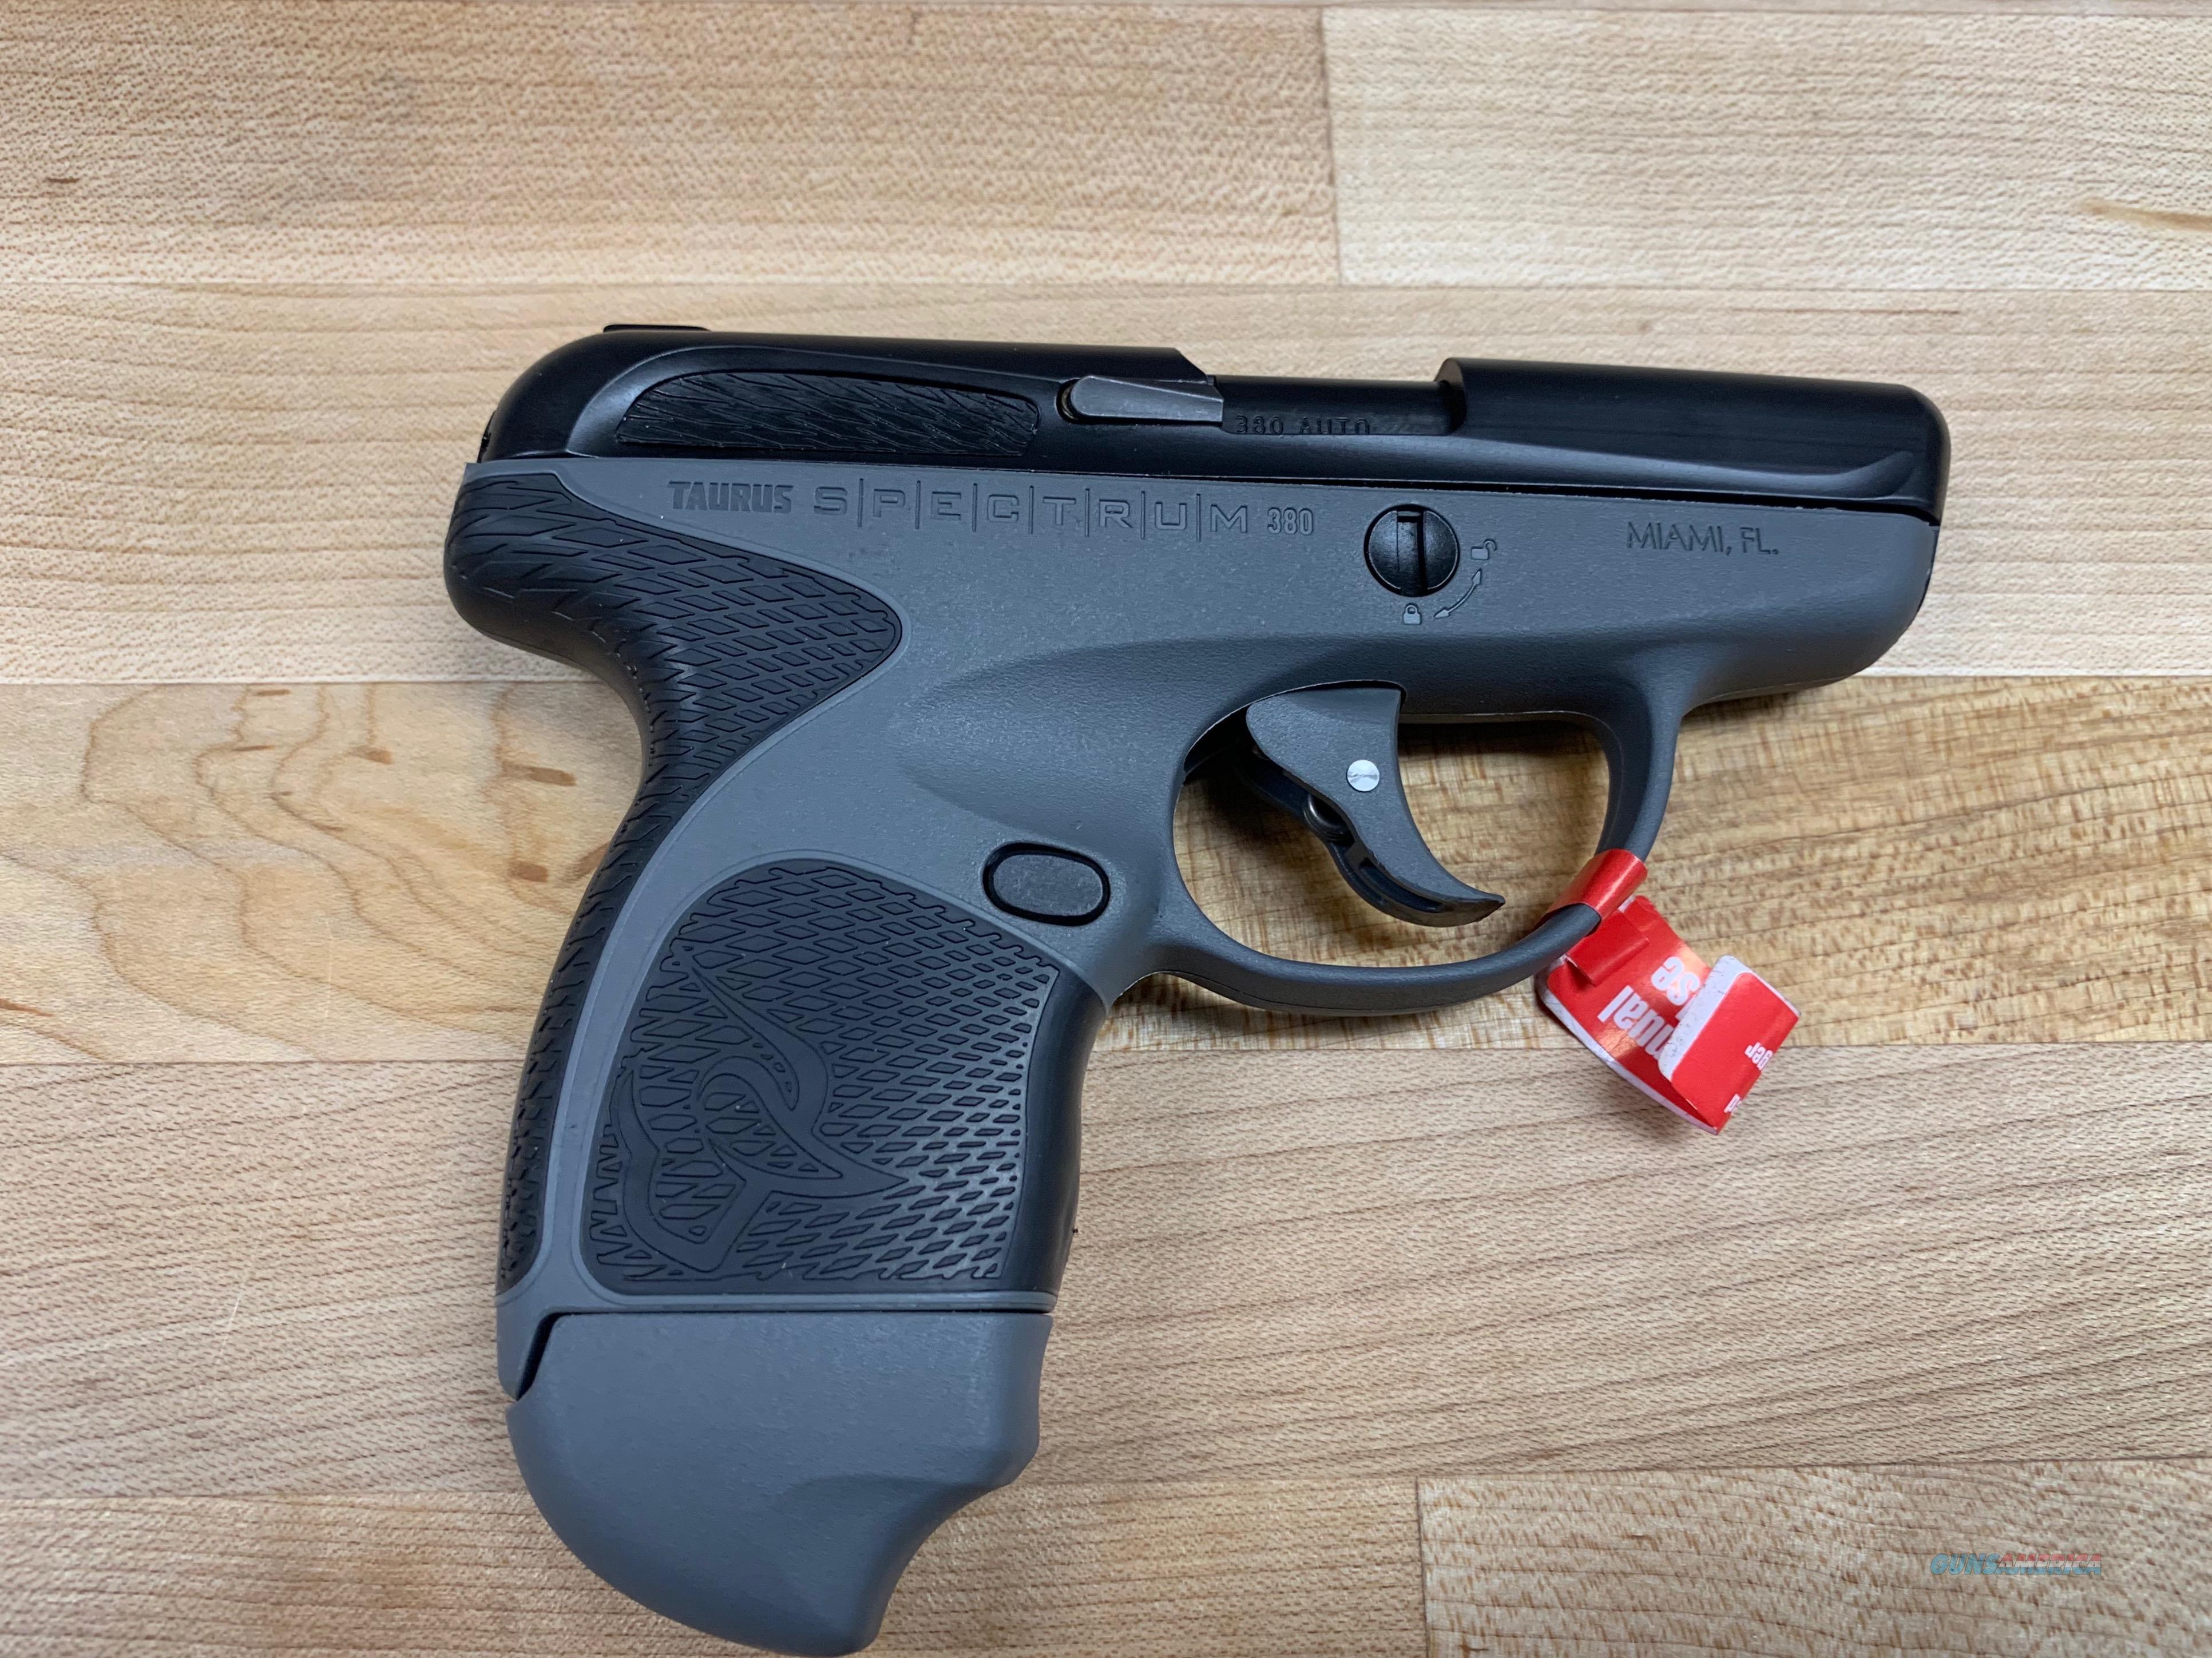 Taurus 1007031201 Spectrum 380   Guns > Pistols > Taurus Pistols > Semi Auto Pistols > Polymer Frame